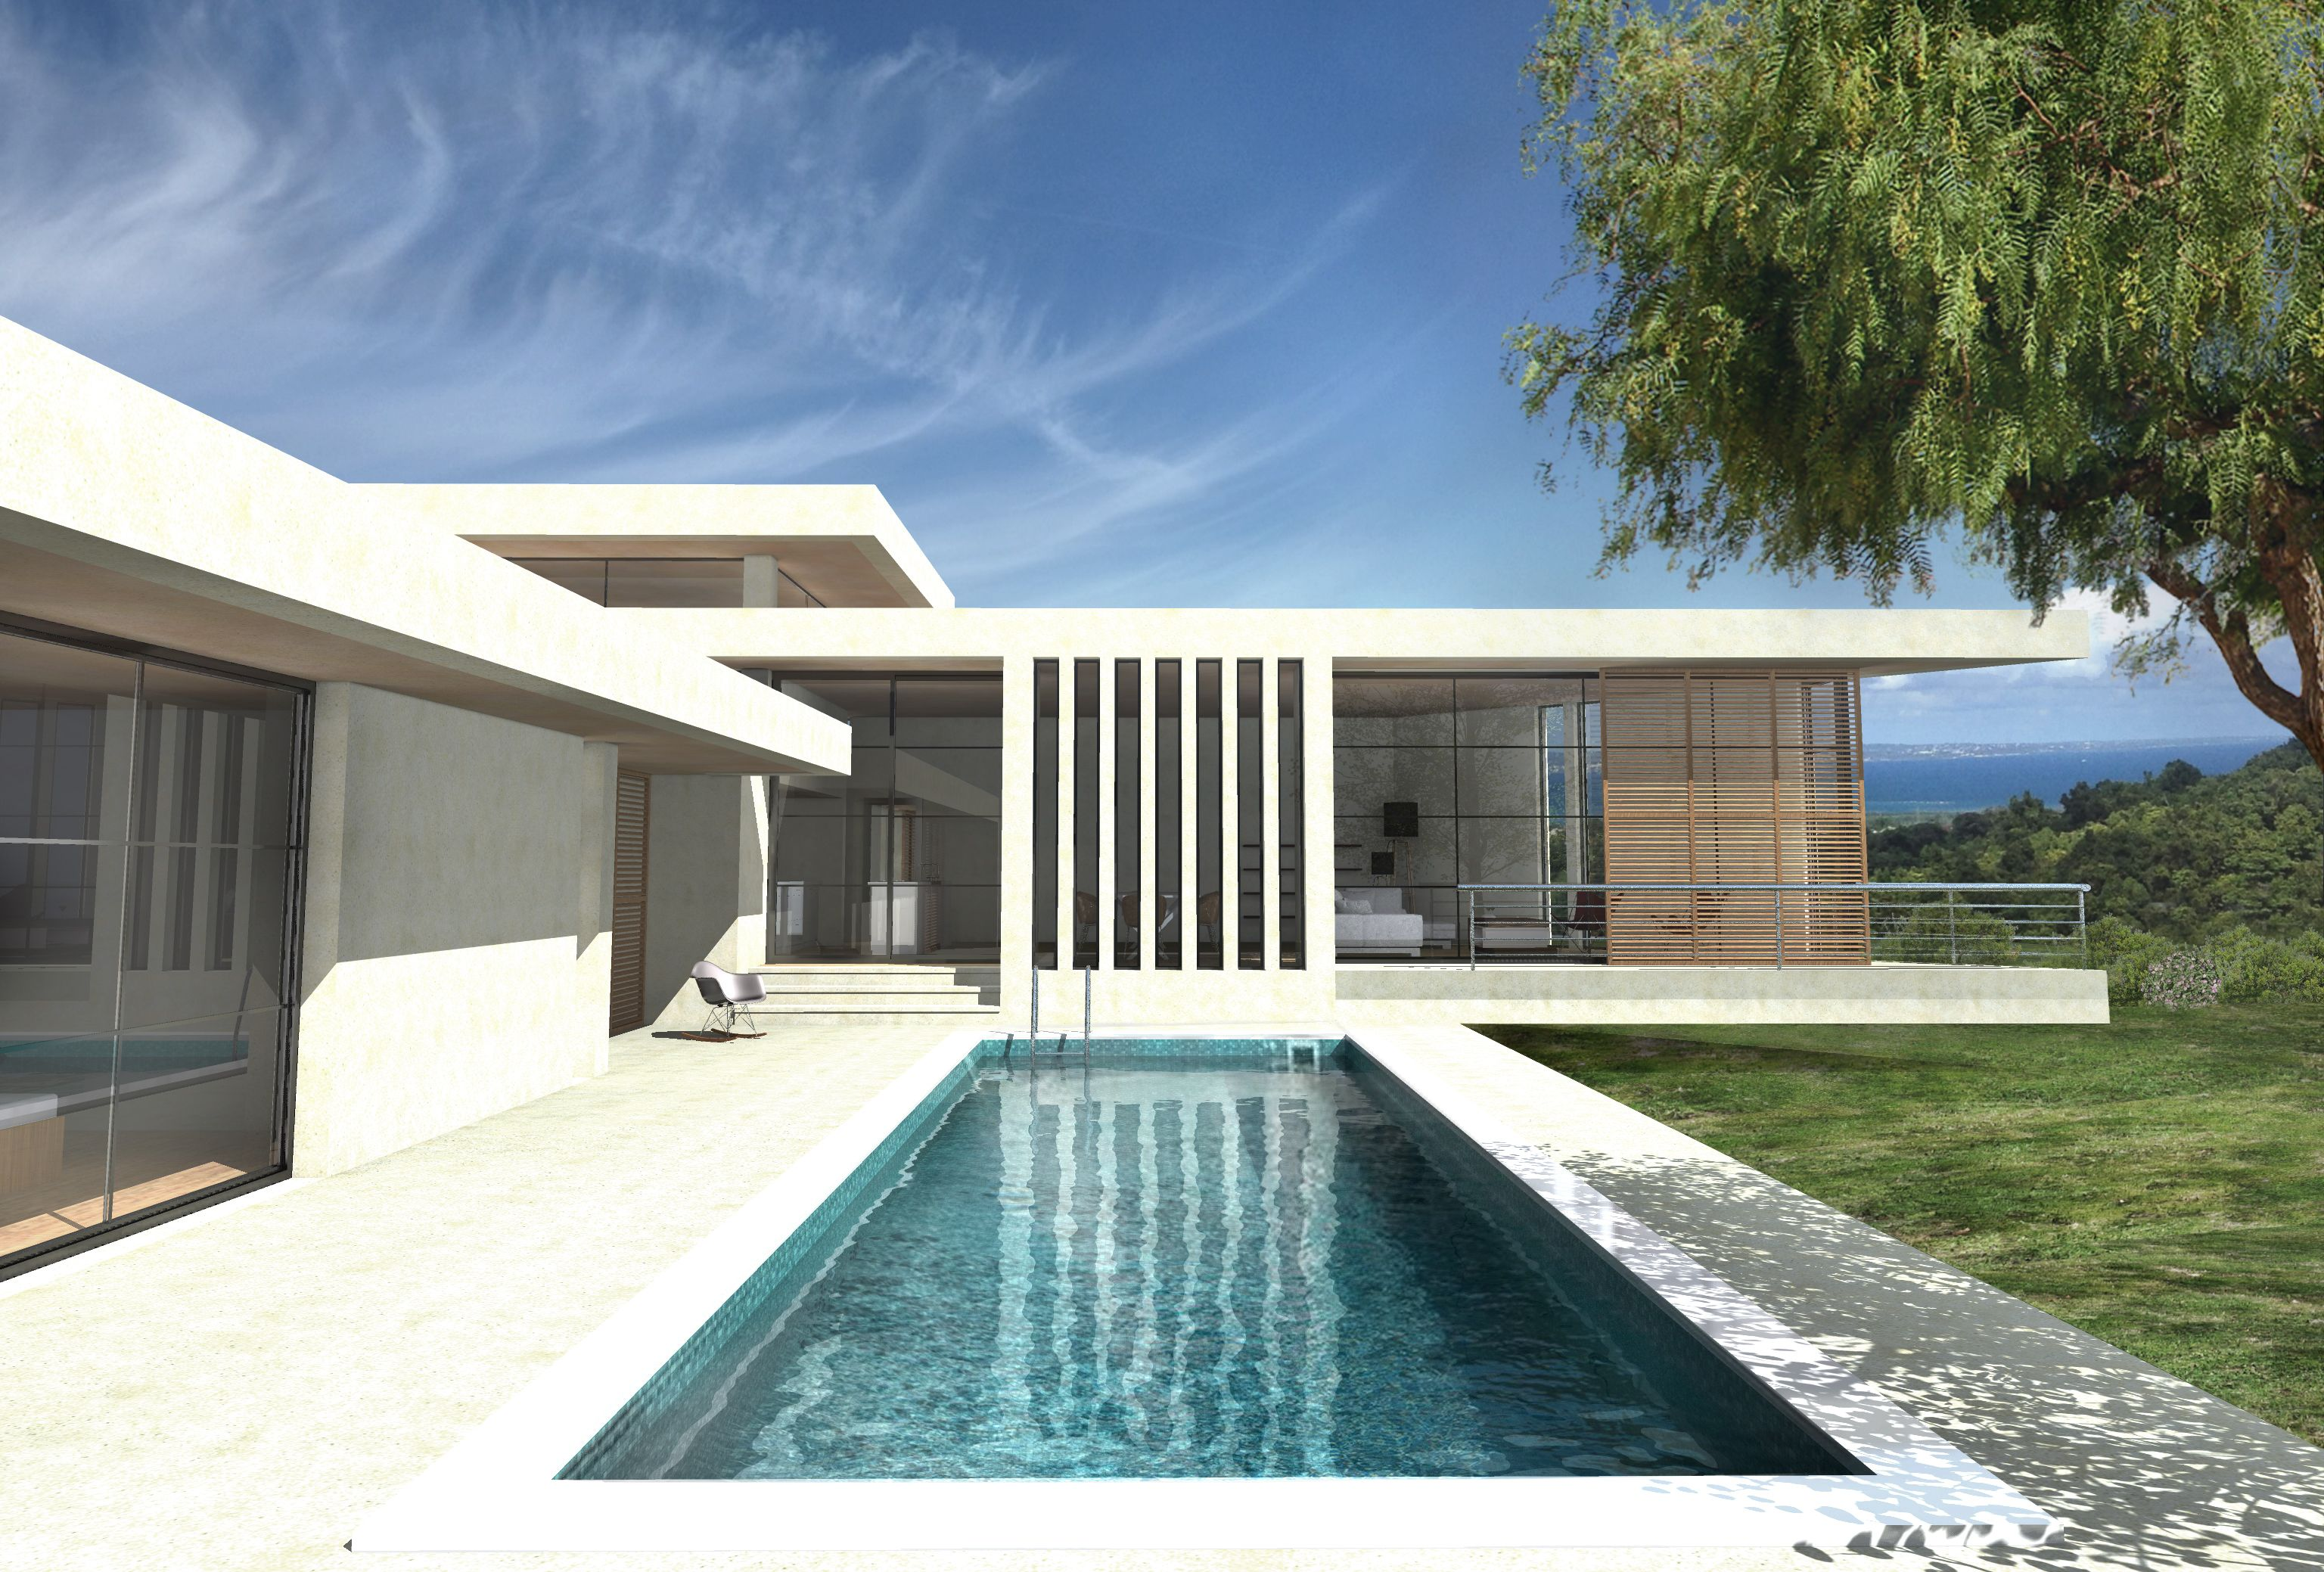 Maison Sciacca Maison Moderne Plan Maison